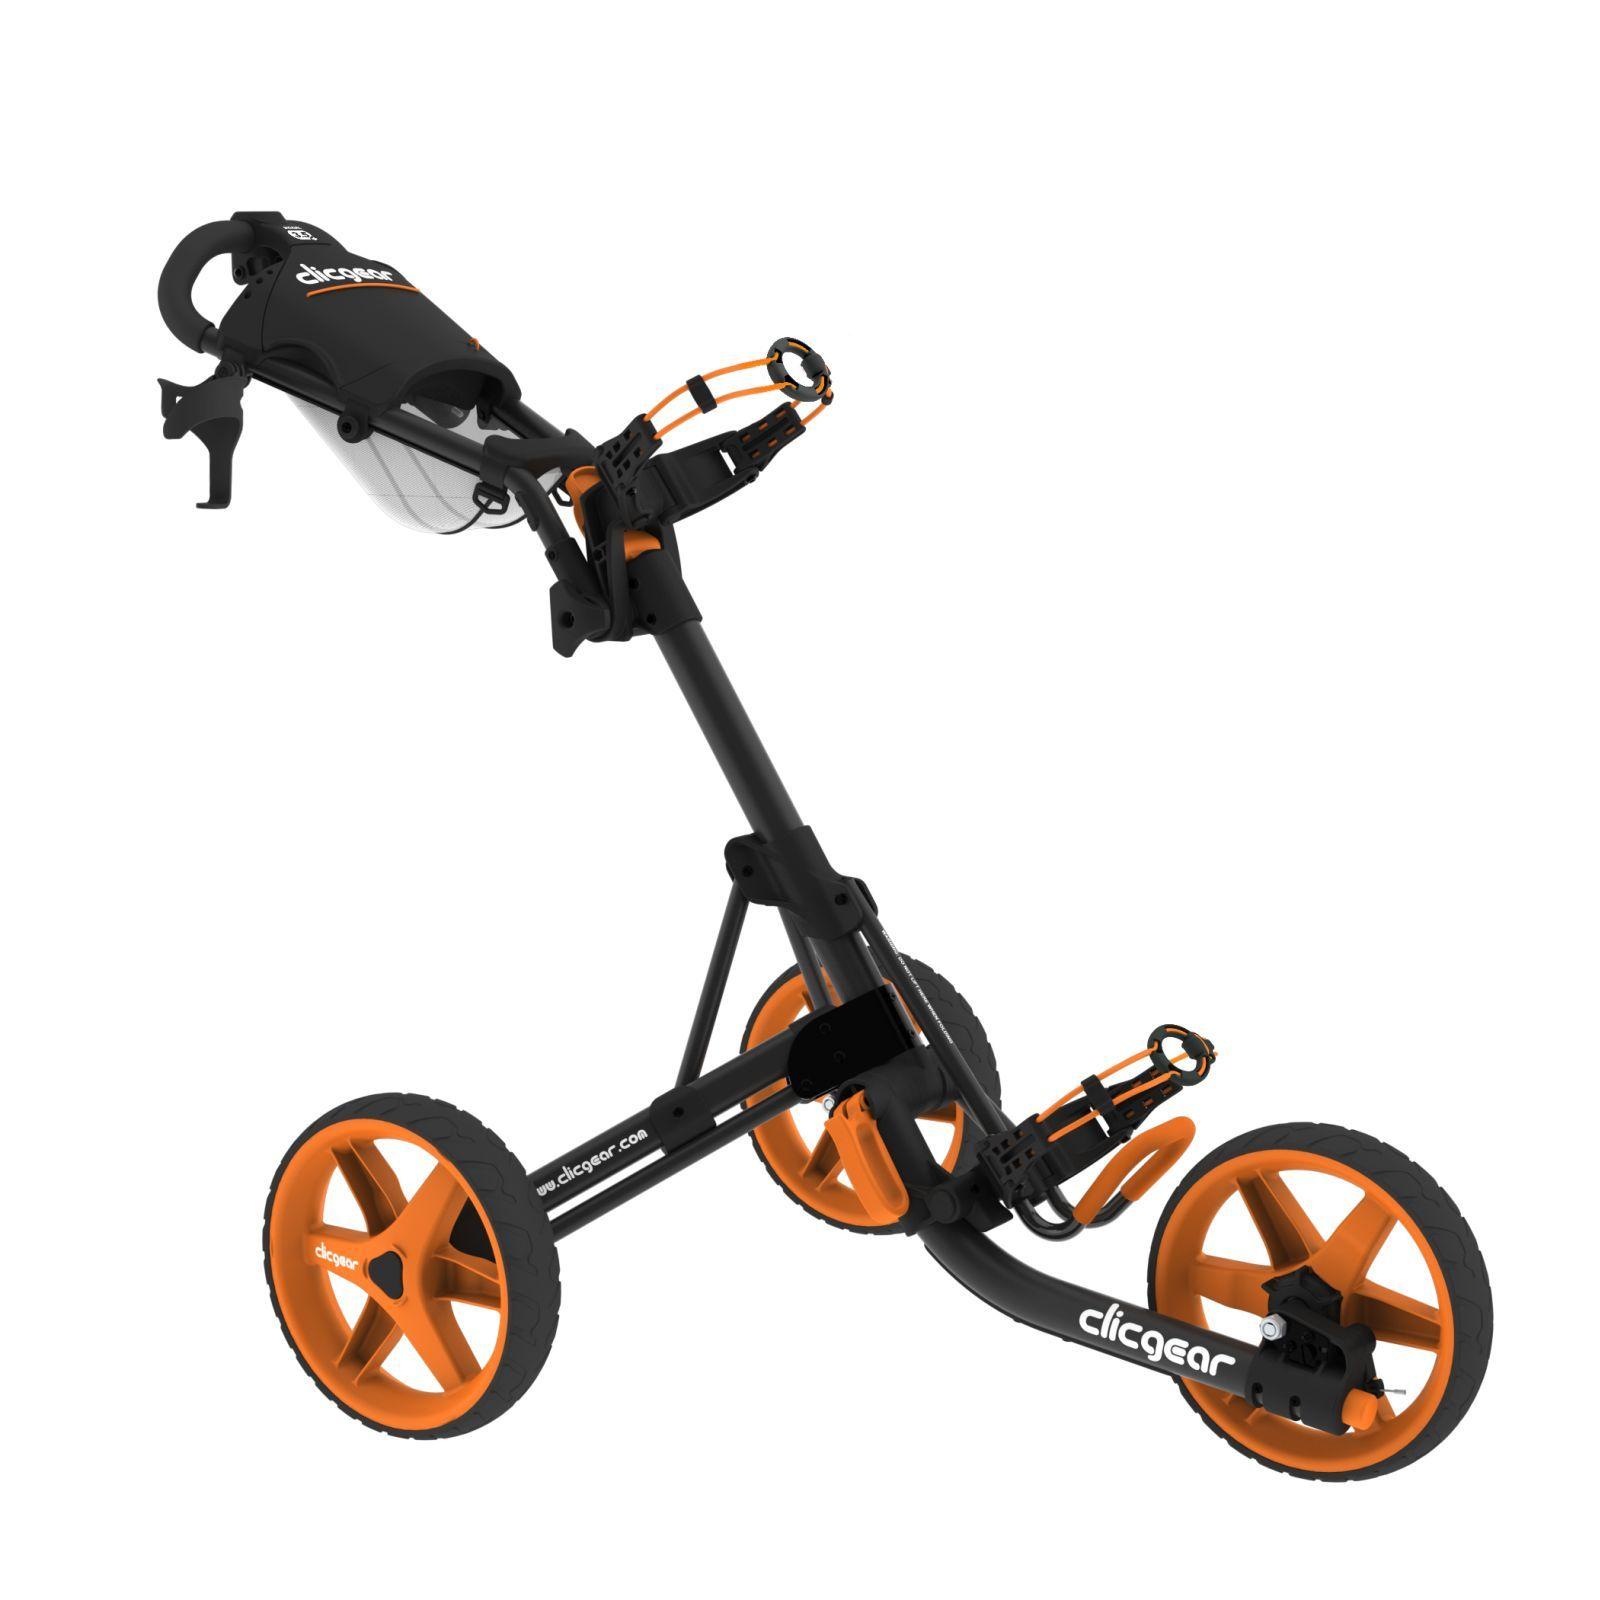 Clicgear 3.5 Plus Golf Trolley